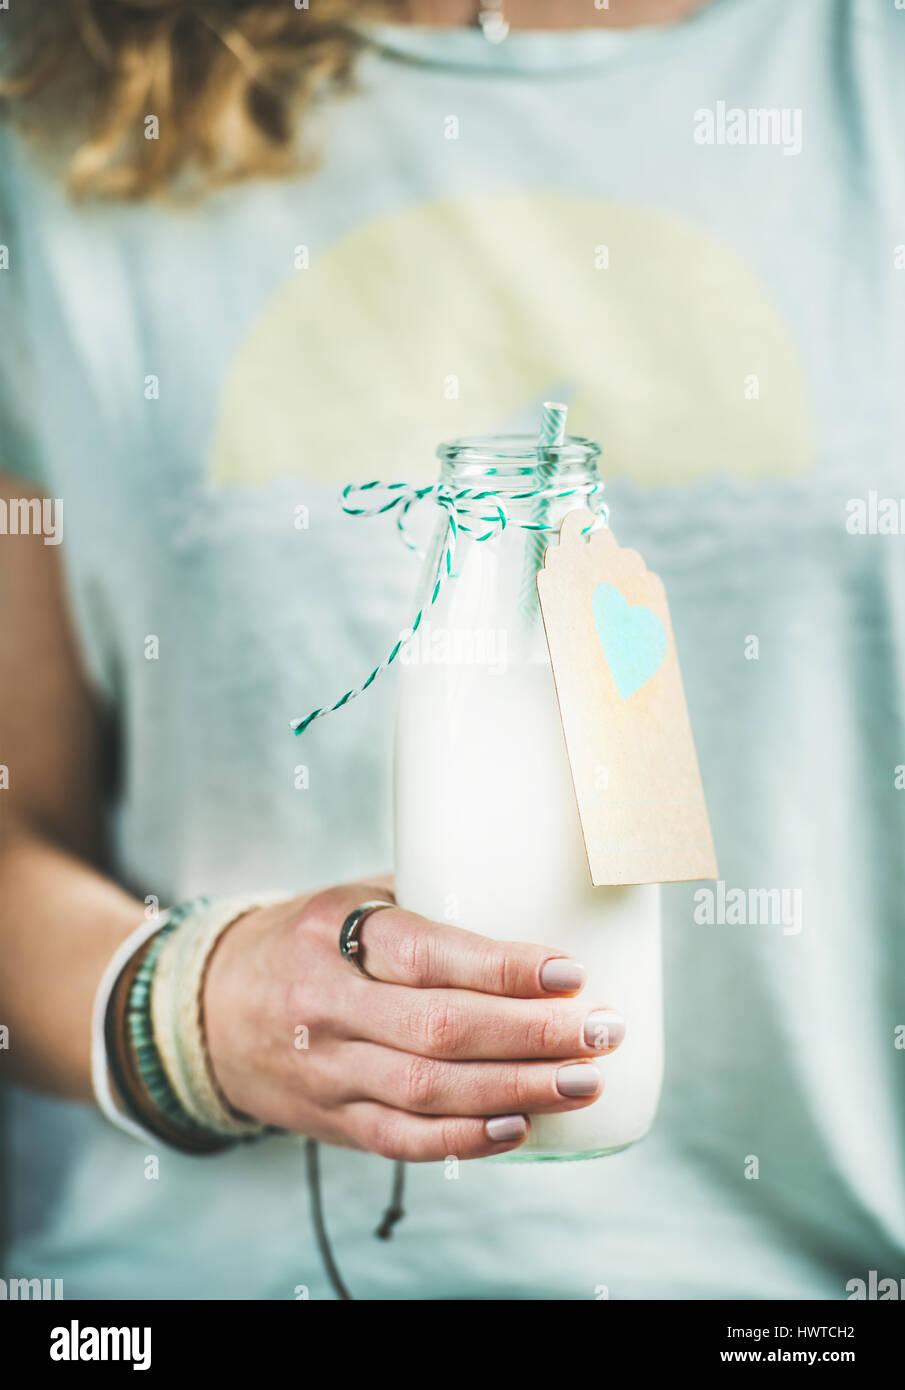 Giovane donna vaso di contenimento di prodotti lattiero-caseari senza latte di mandorla Immagini Stock